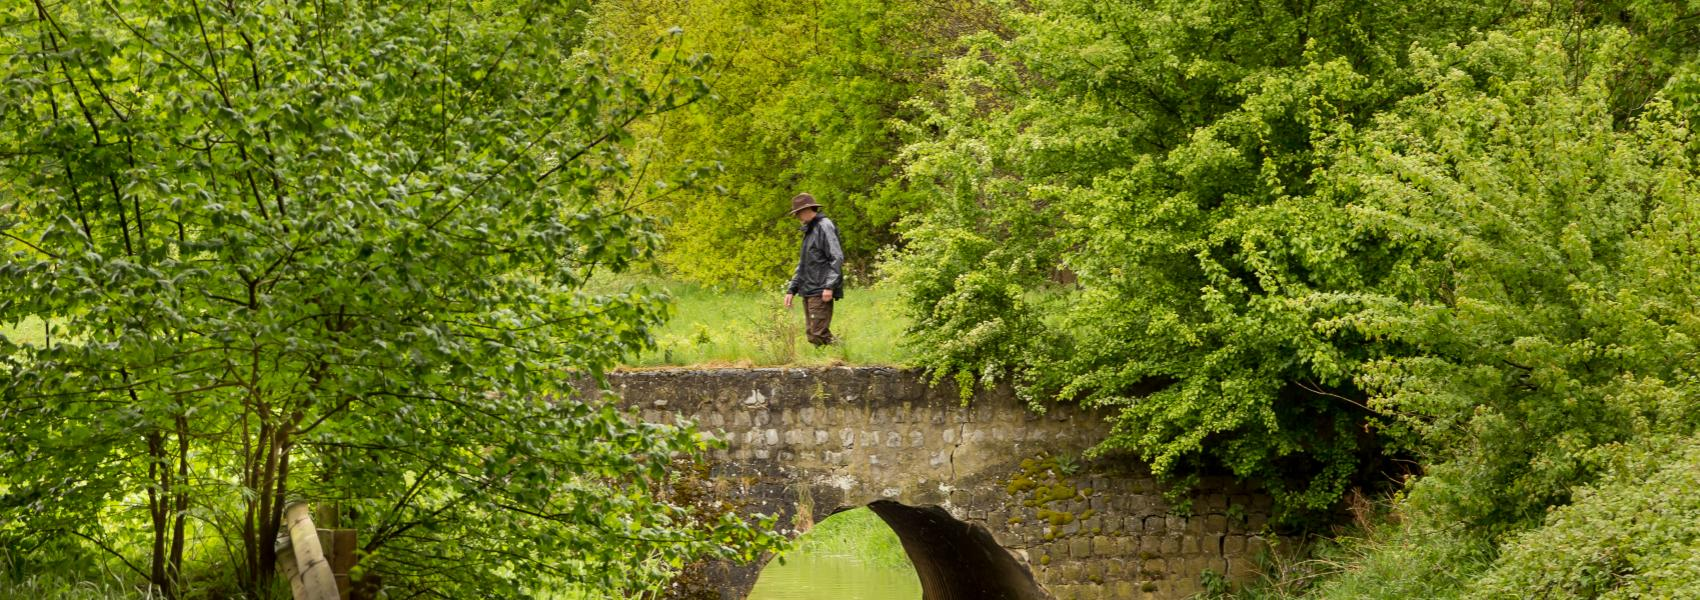 wandelaar over stenen brug